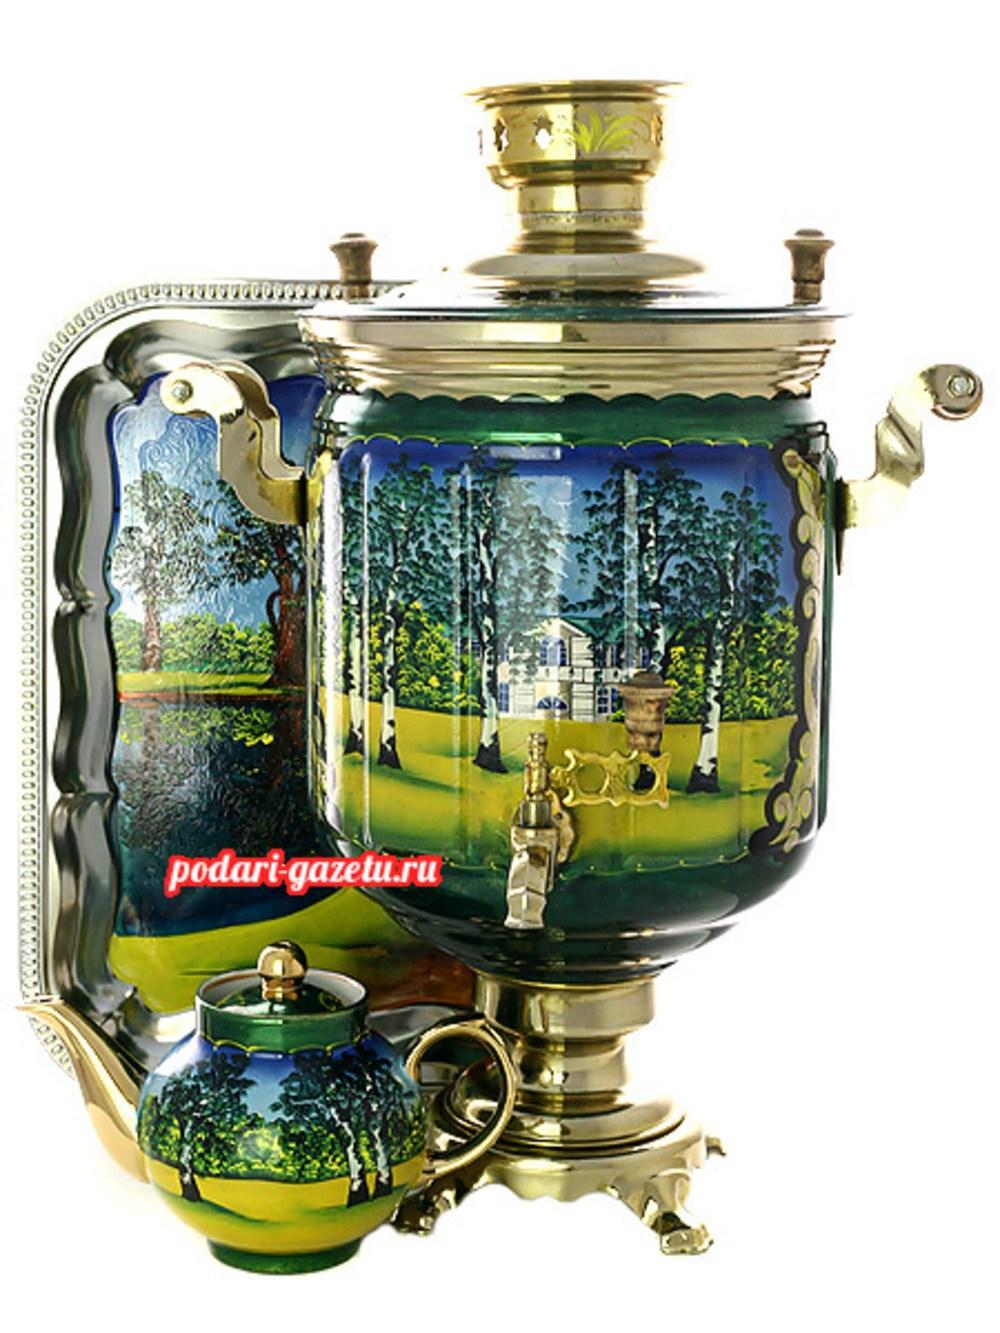 Набор: электрический самовар на 10 литров с художественной росписью Ясная поляна